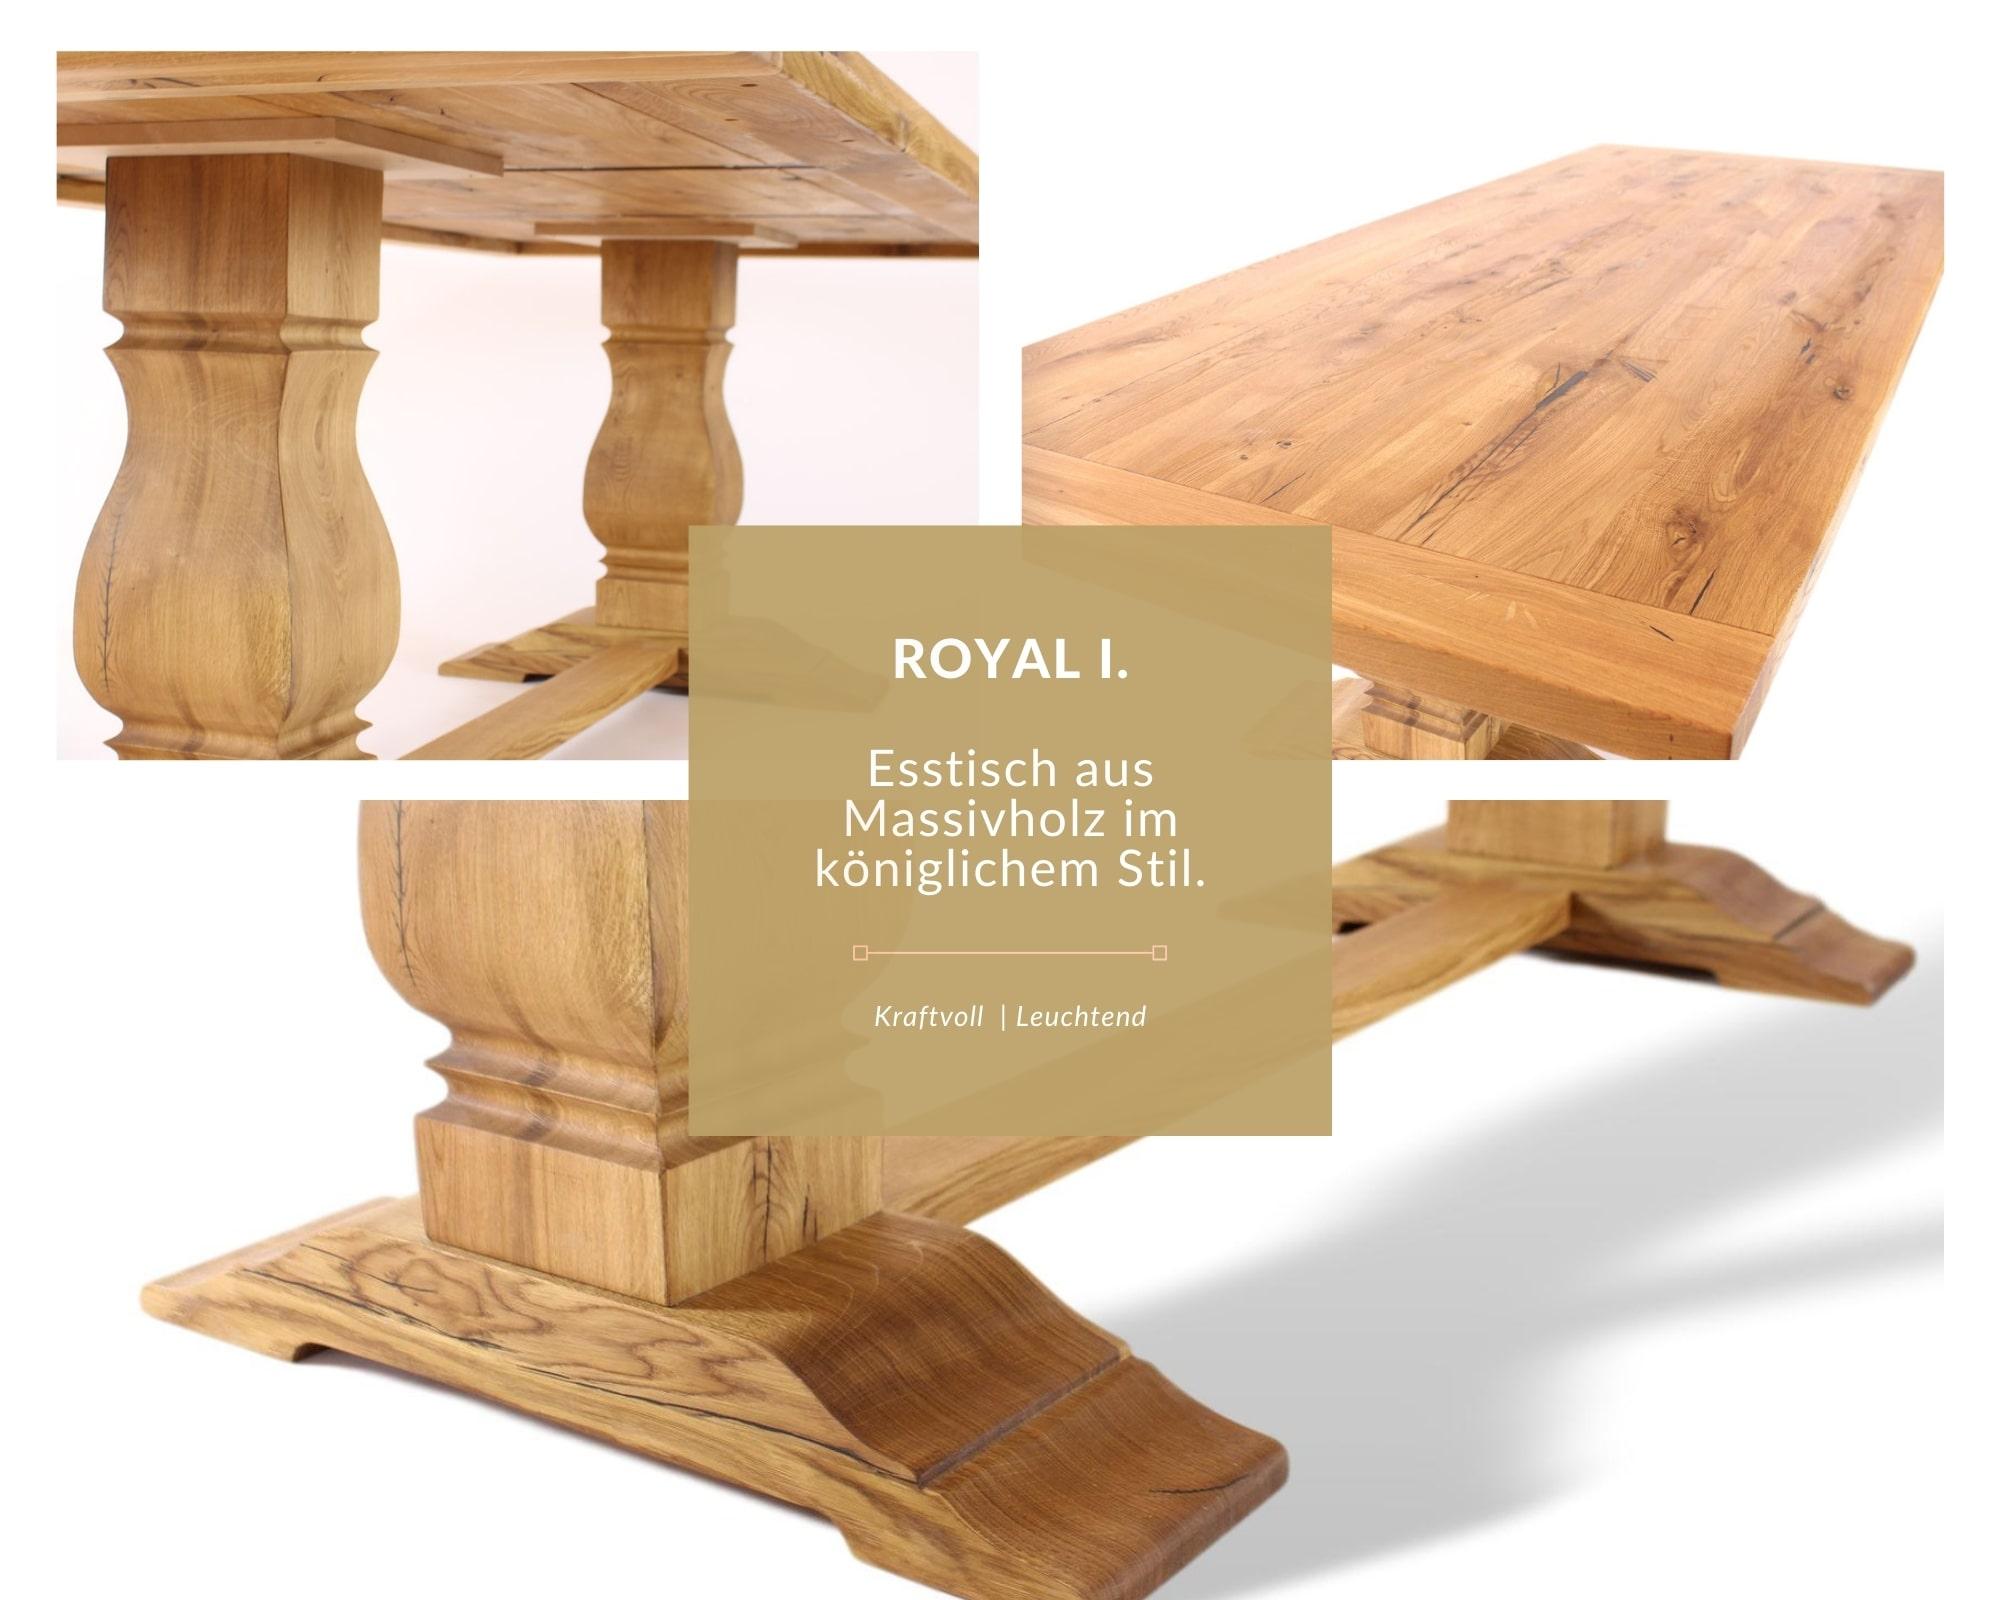 massivholz-esstisch-im-königlichem-stil-royal